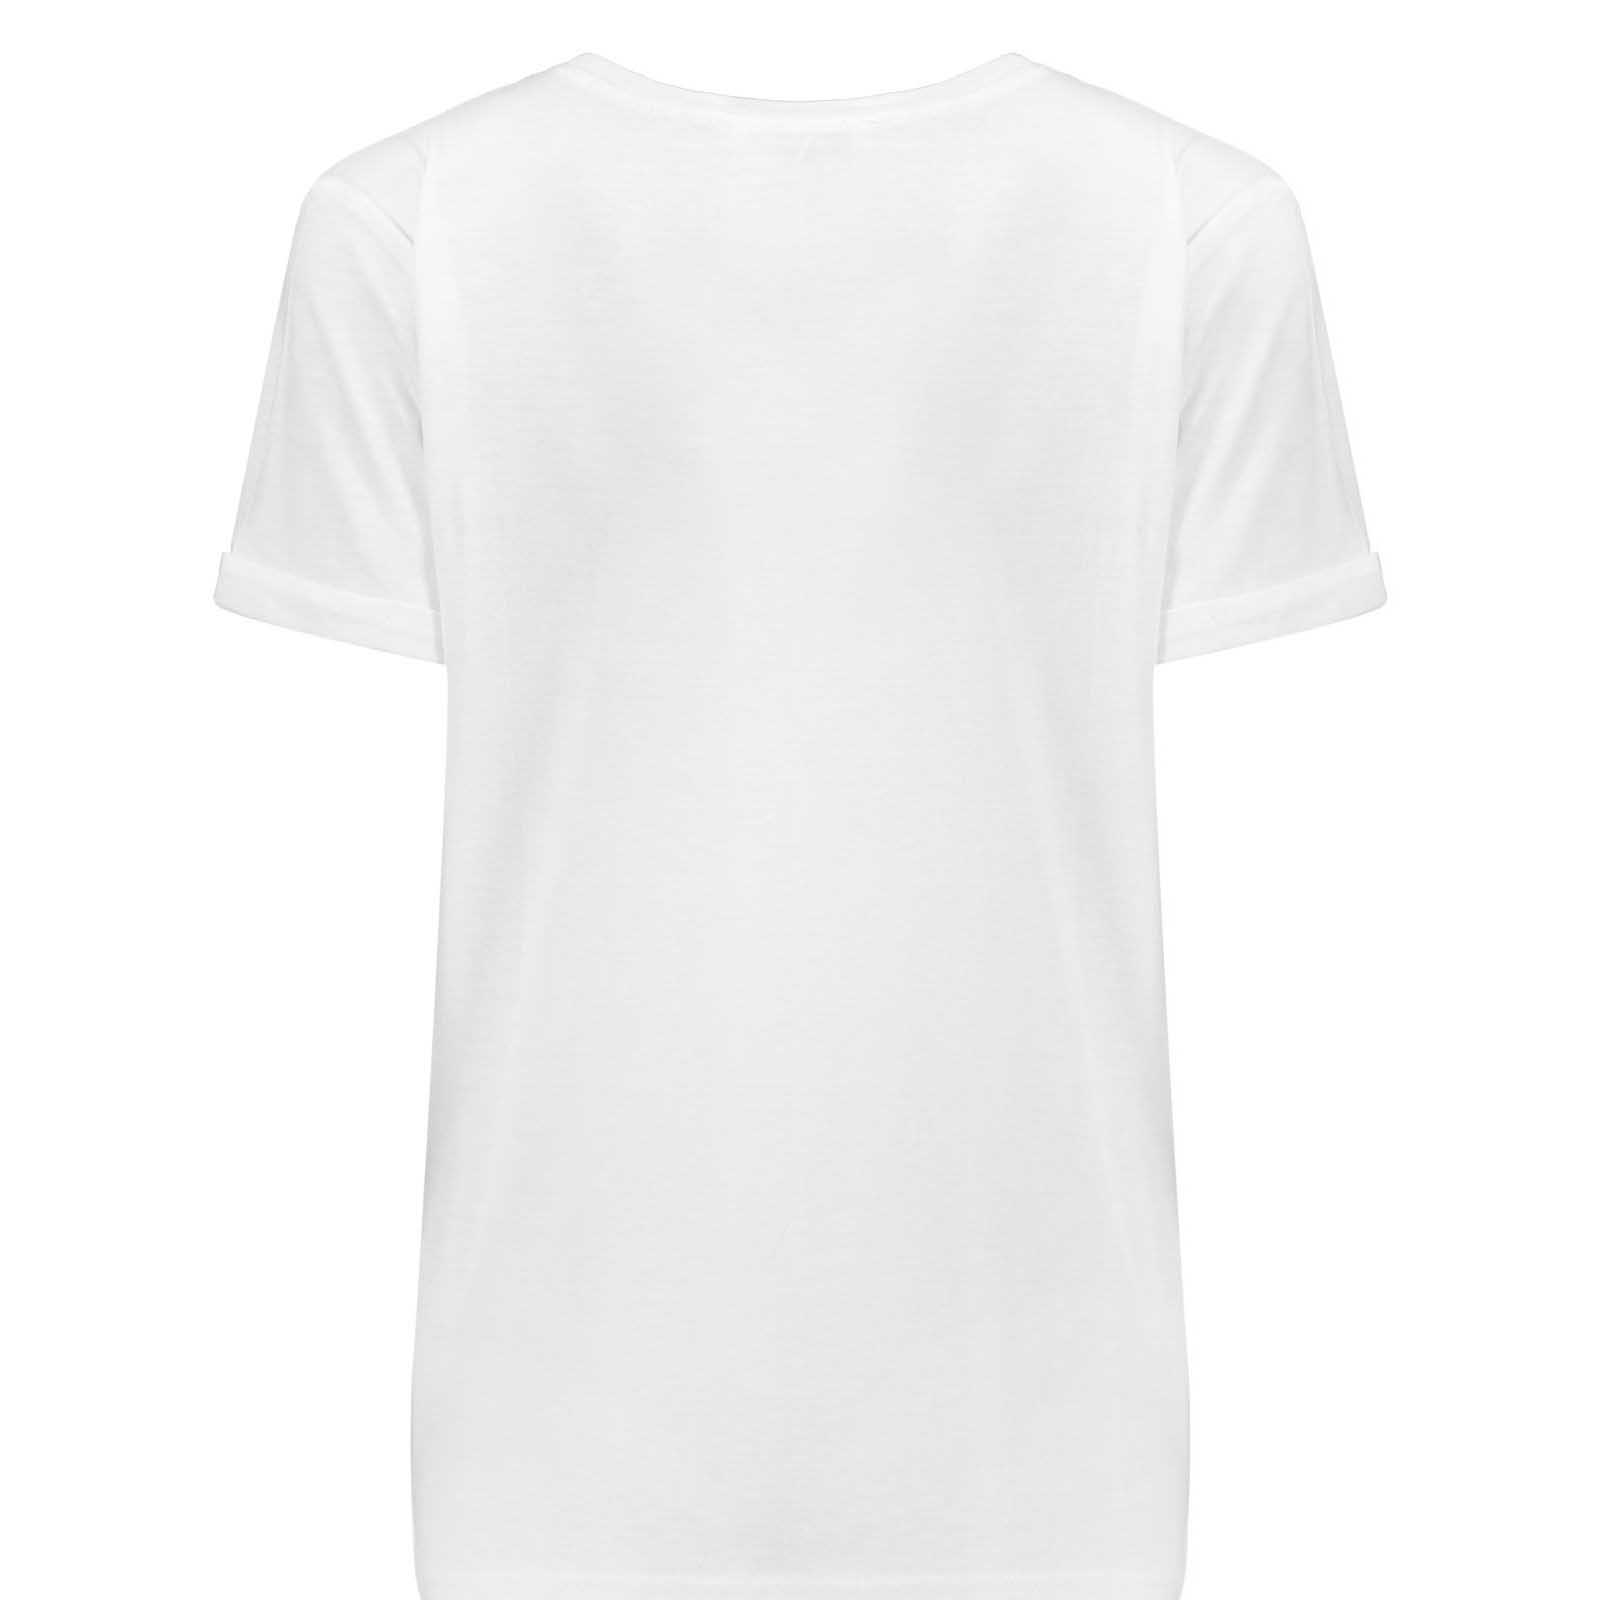 تیشرت آستین کوتاه زنانه کد b15 رنگ سفید